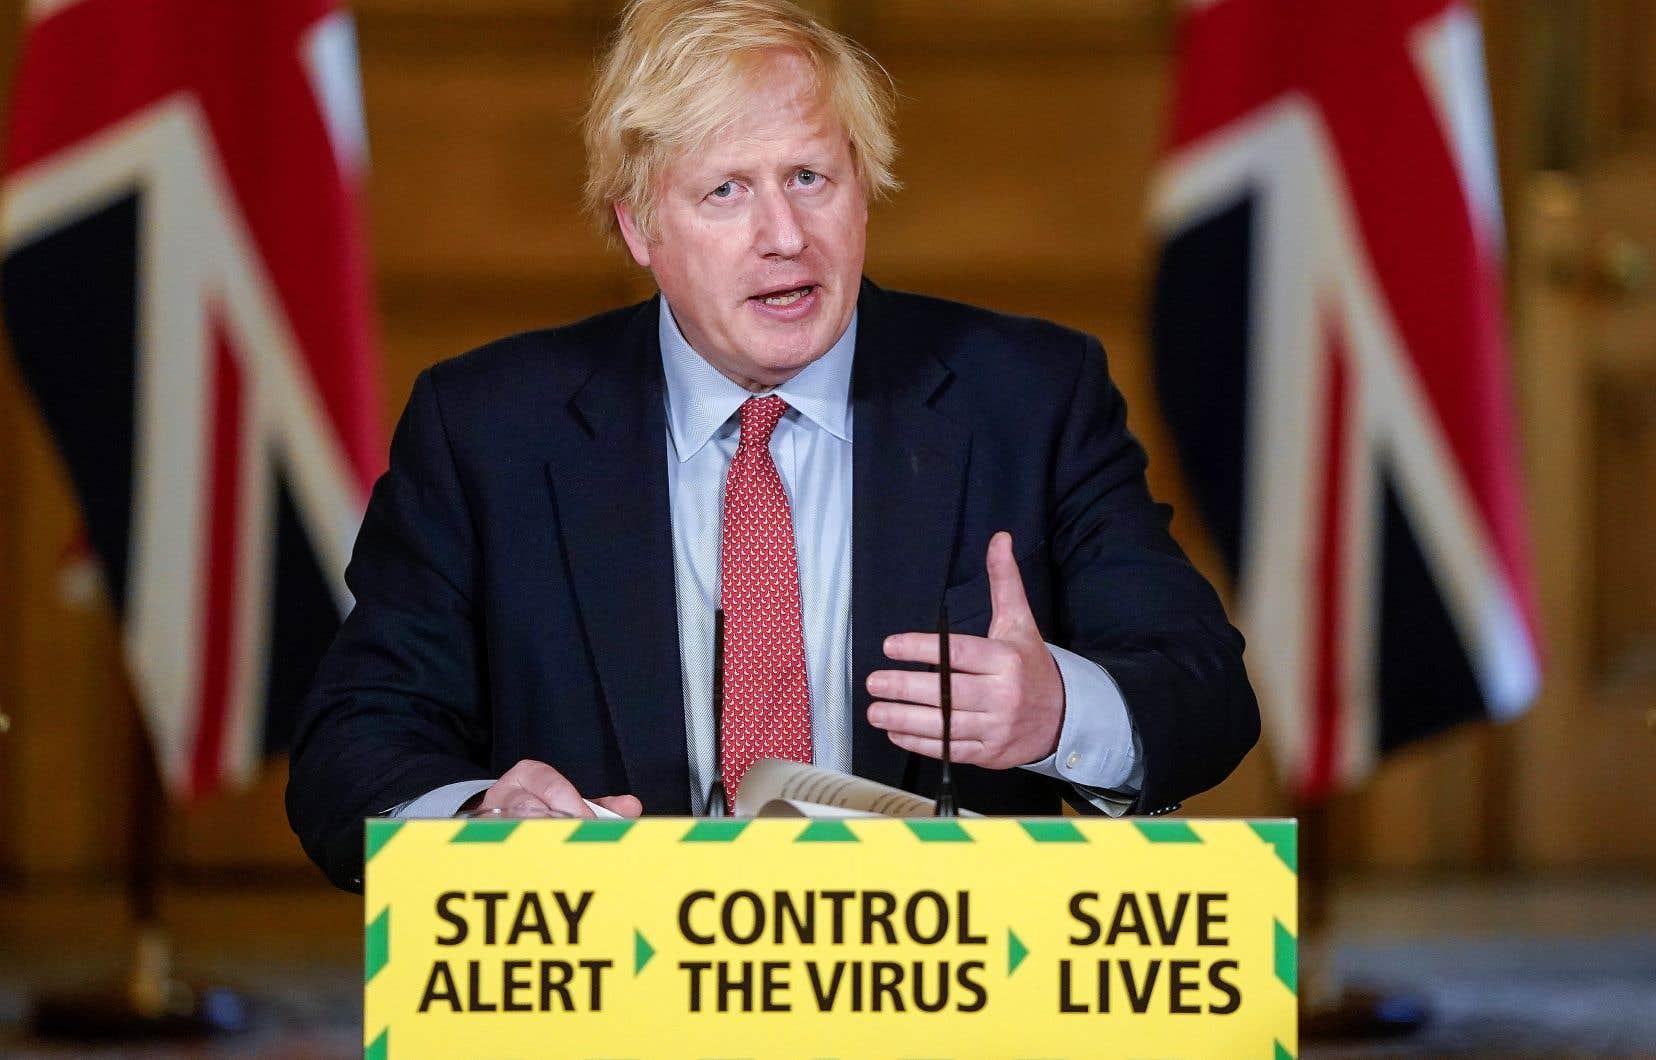 Le Royaume-Uni prévoit de rouvrir les commerces non essentiels le 15juin, a annoncé le premier ministre britannique, Boris Johnson.